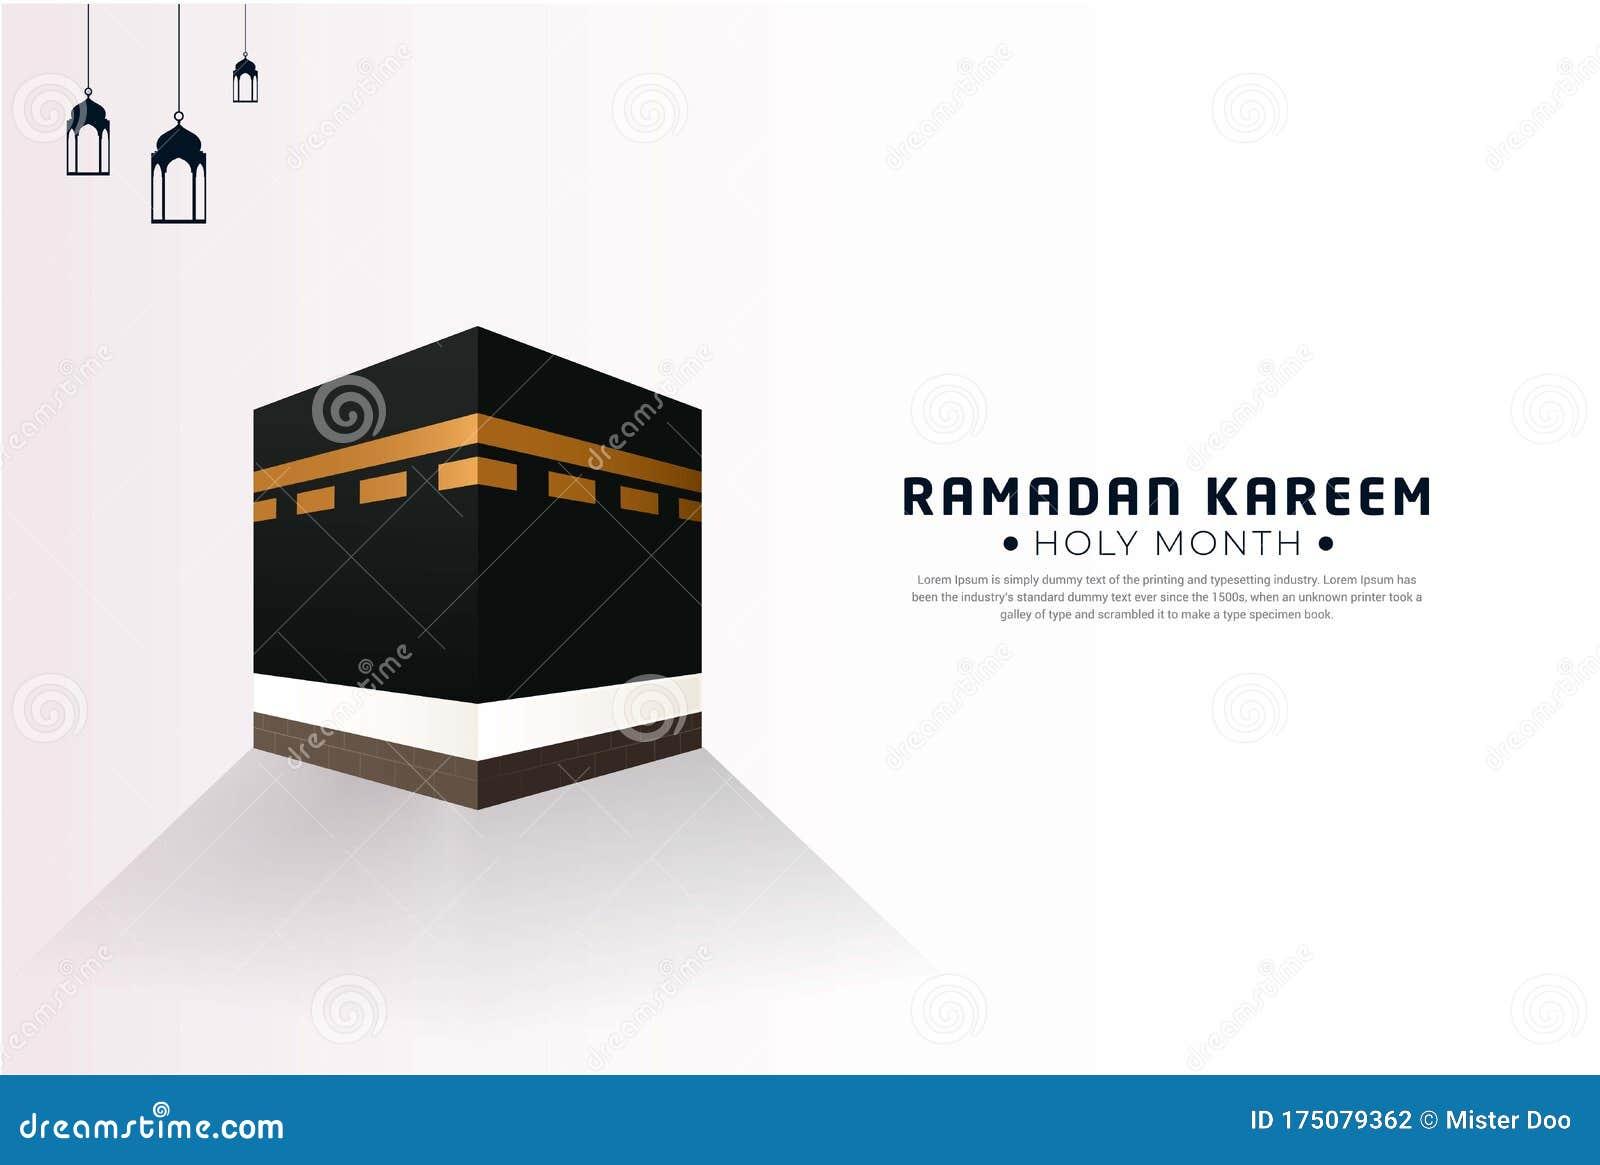 Islamic Greeting Card With Hajj Mabrour Calligraphy. Hajj ...